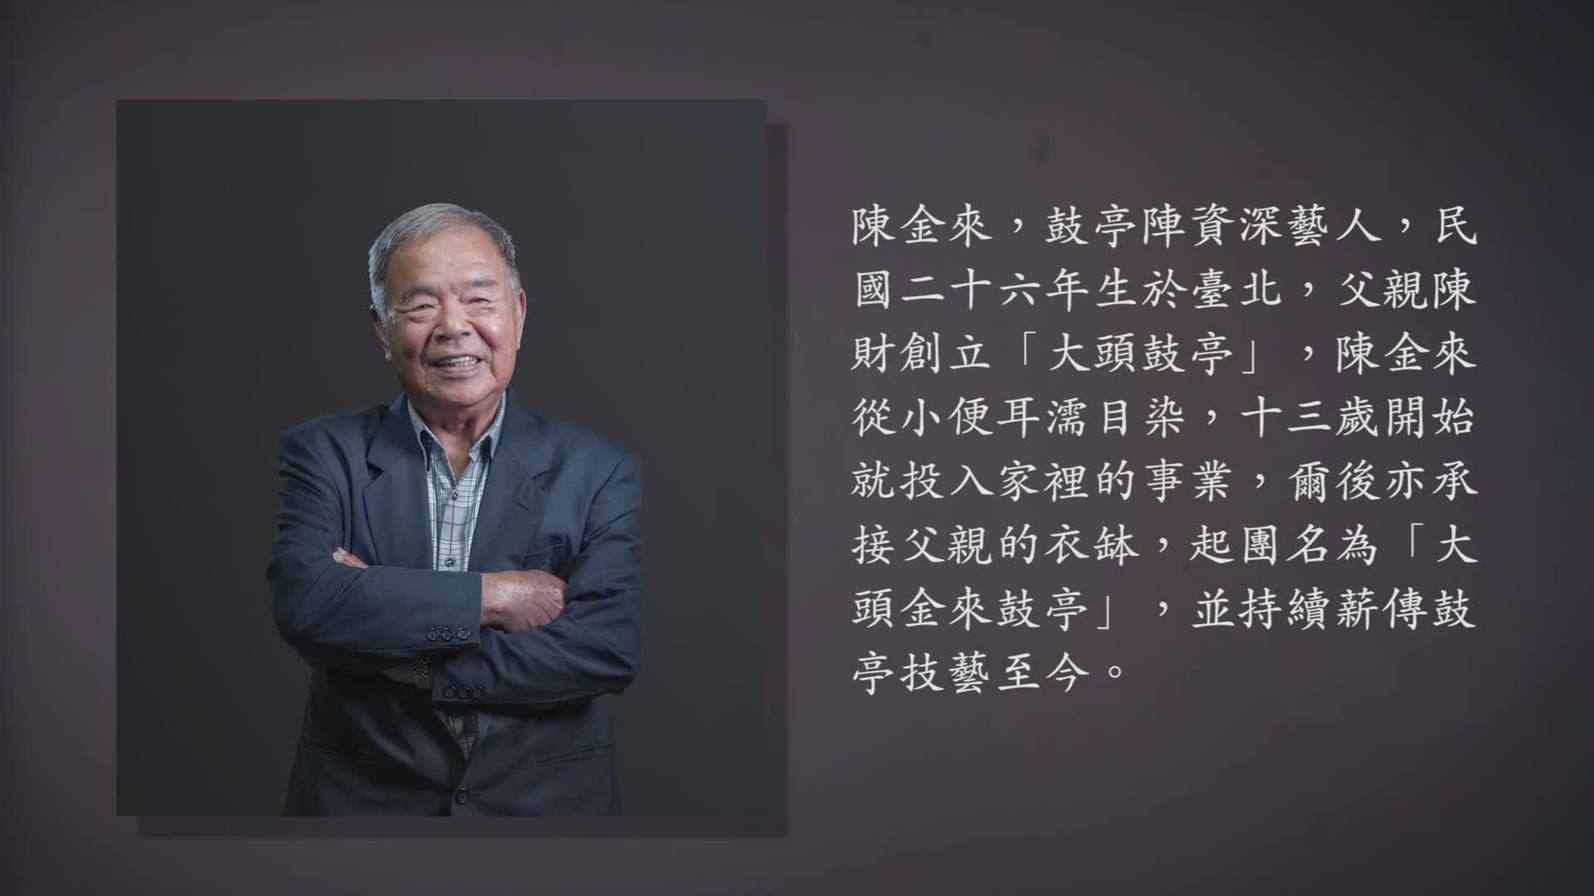 技藝.記憶-傳統藝術藝人口述歷史影像紀錄計畫-陳金來精華片段